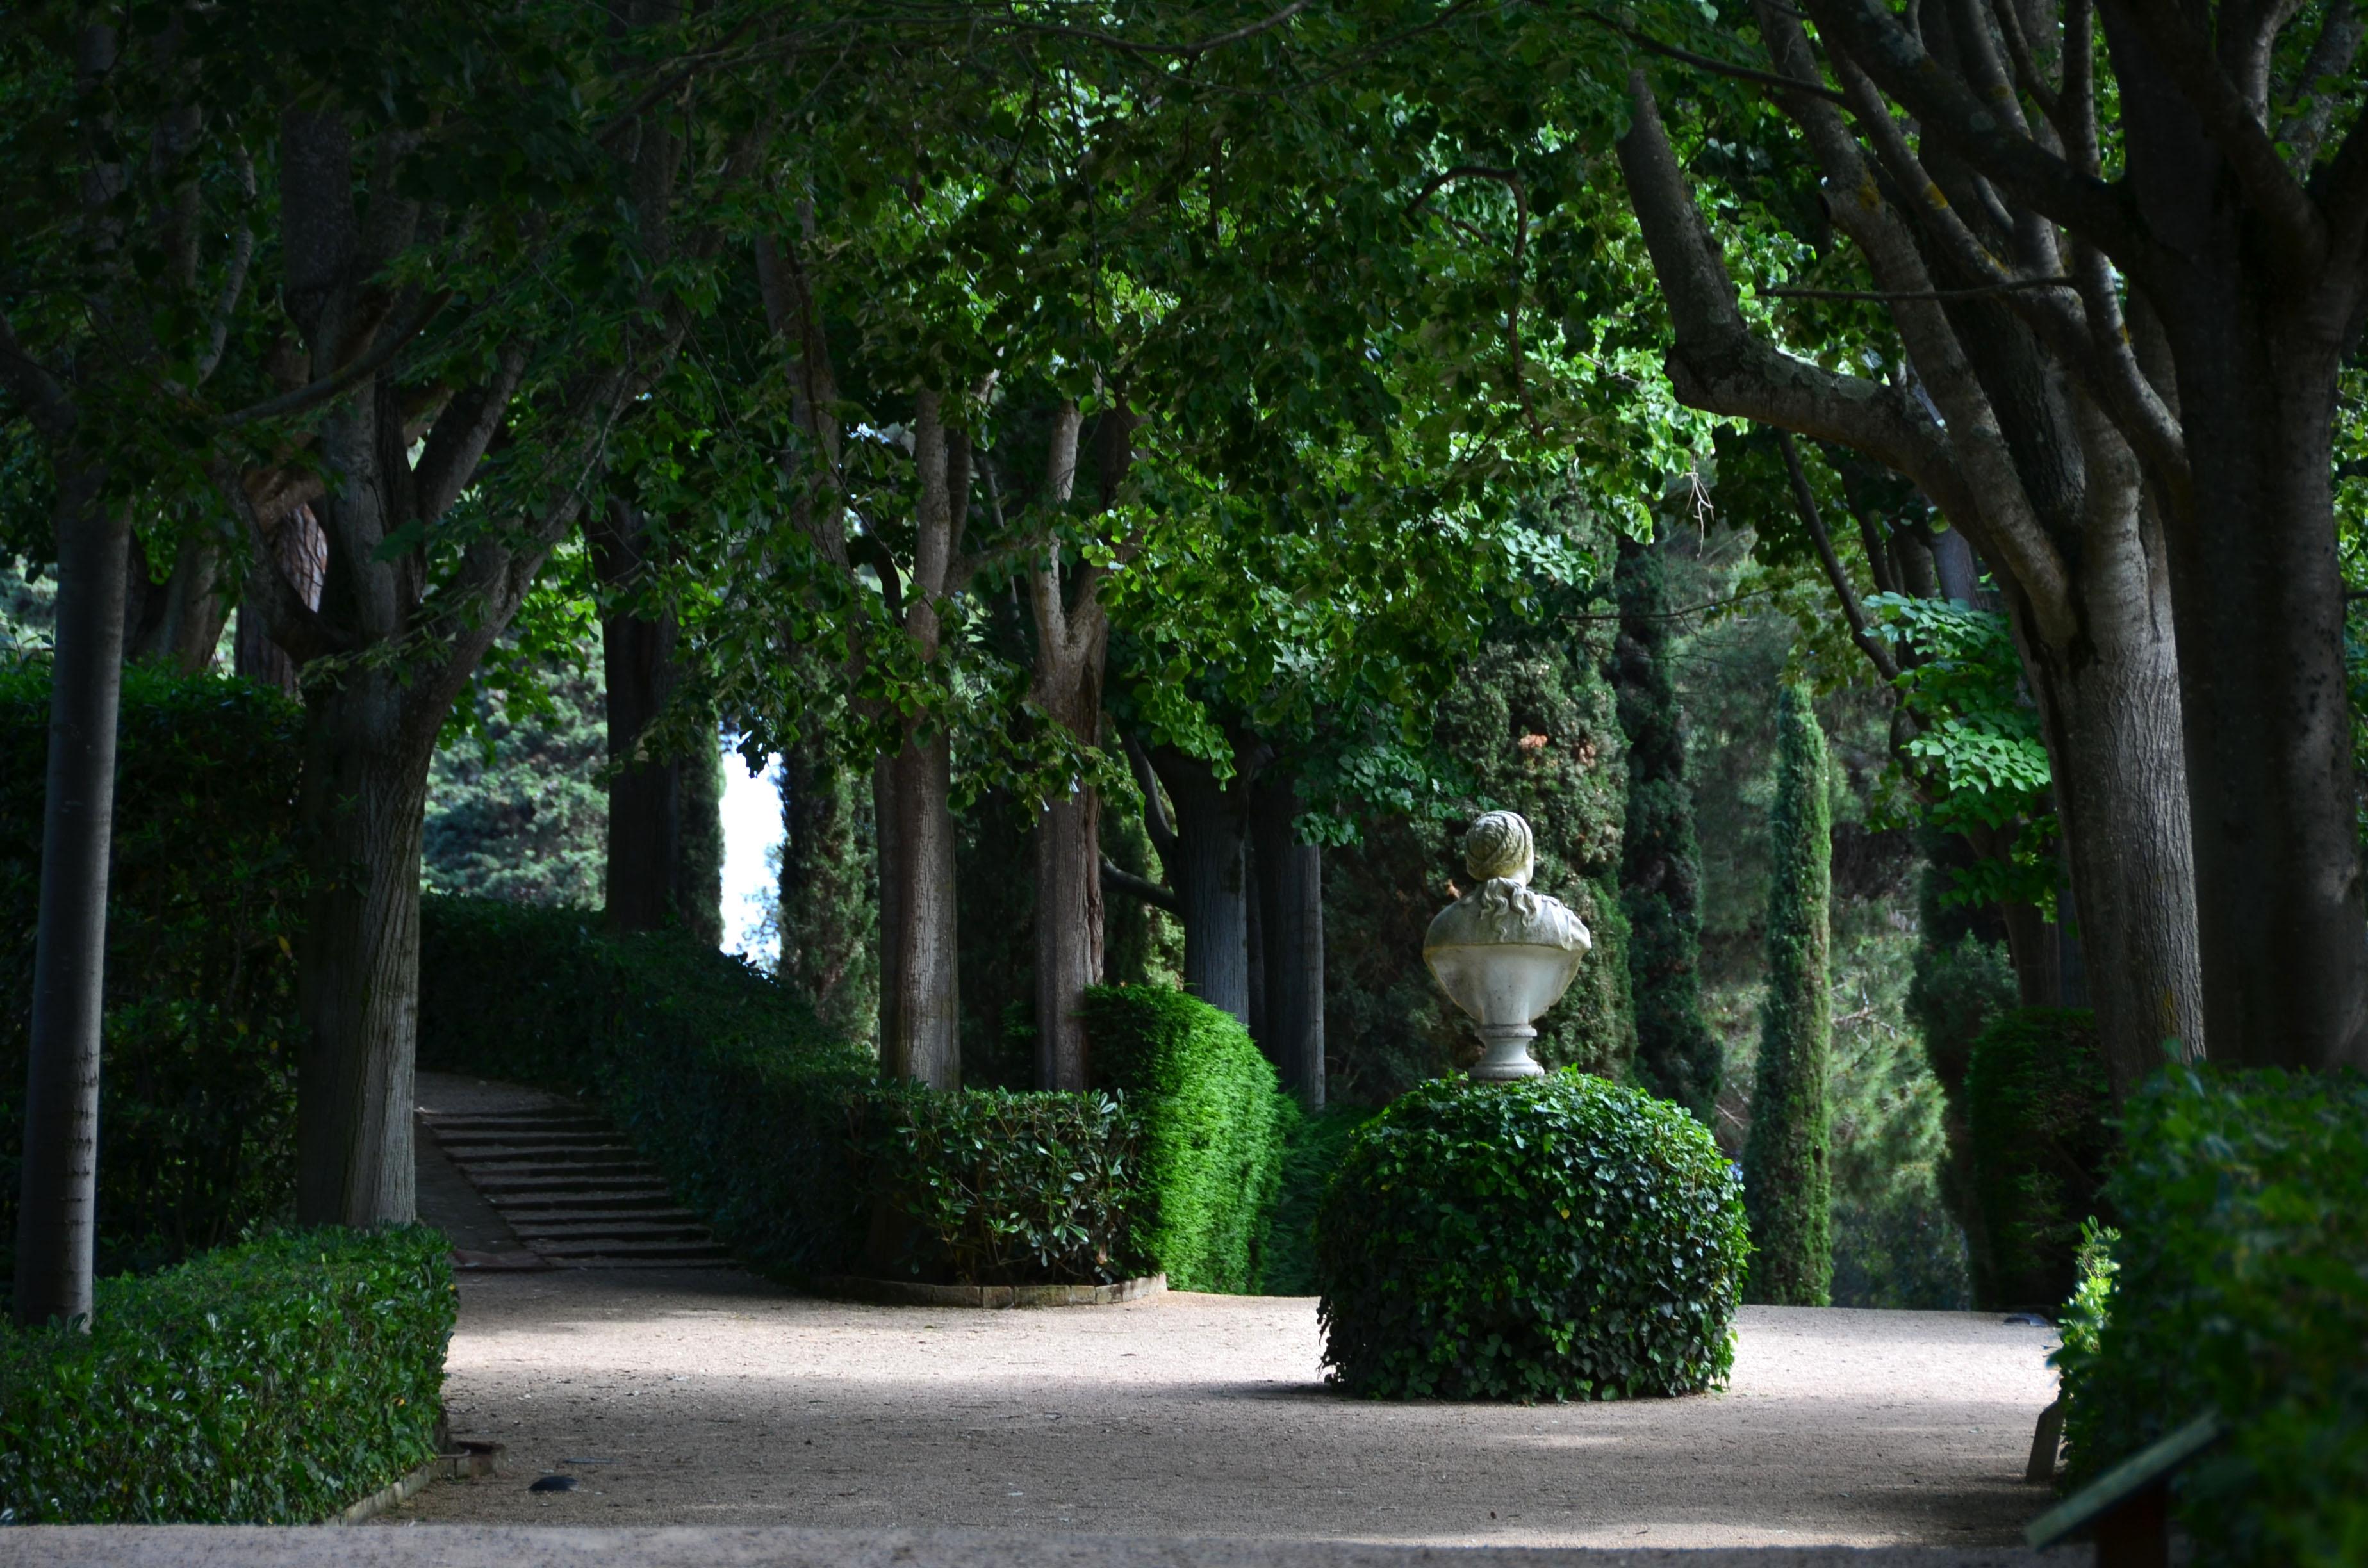 Kunstobjecten Voor Tuin : Tuin niek ravensbergen